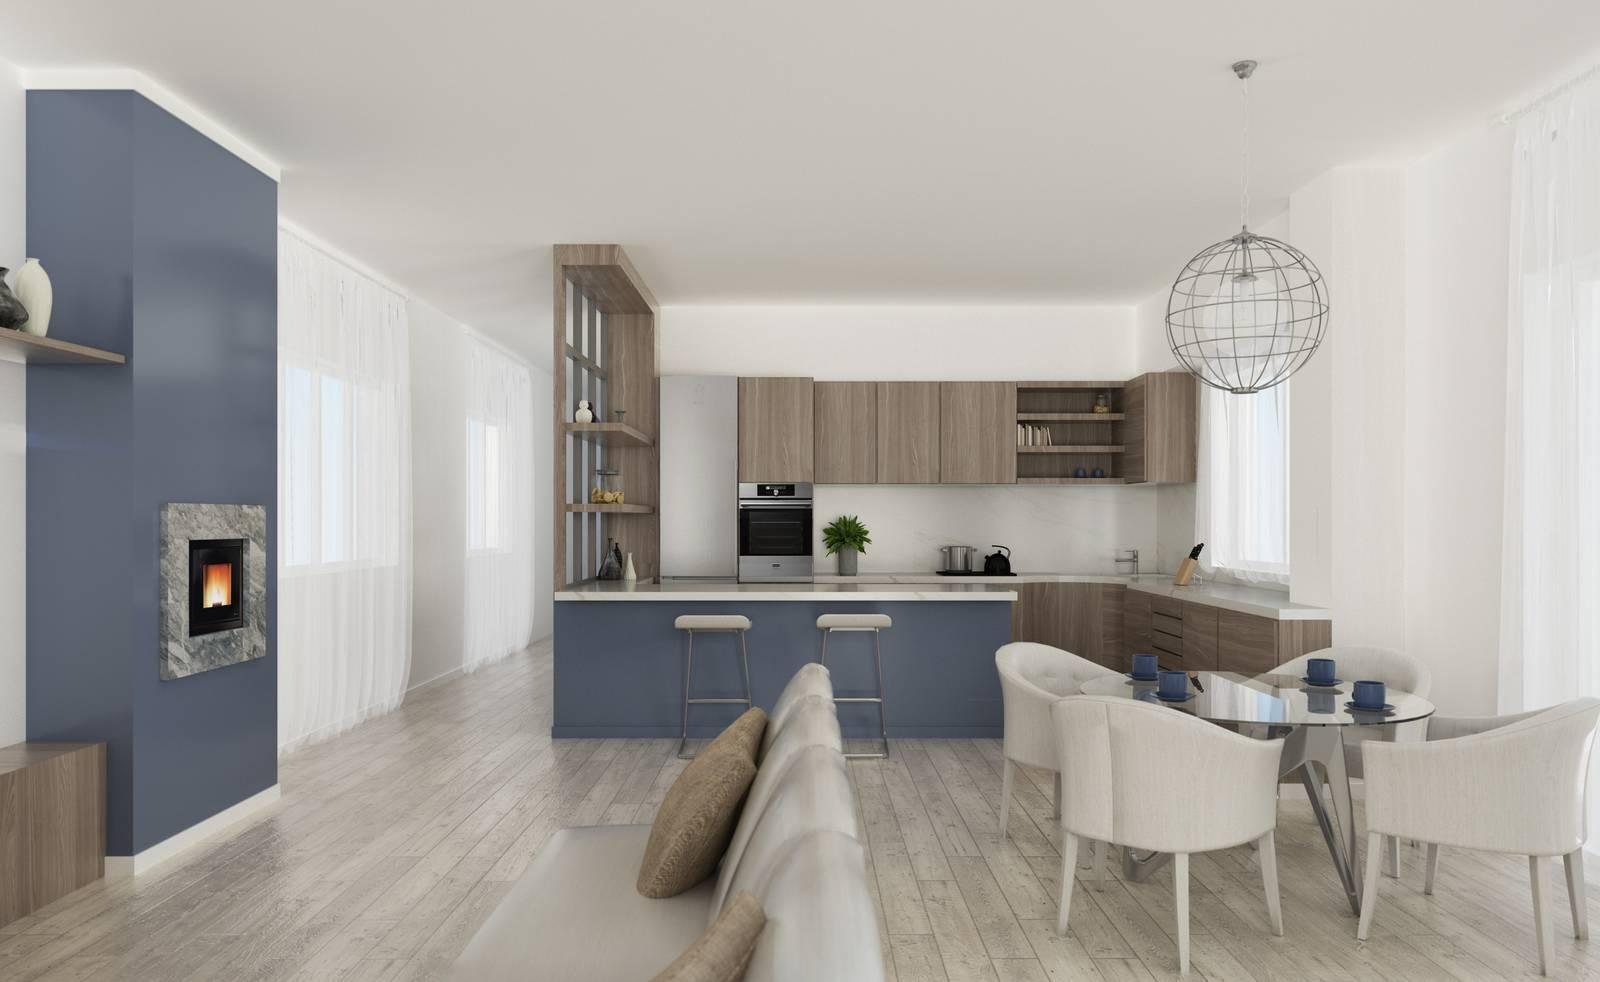 Lo Space Senza Pareti via il corridoio cucina e soggiorno diventano un grande